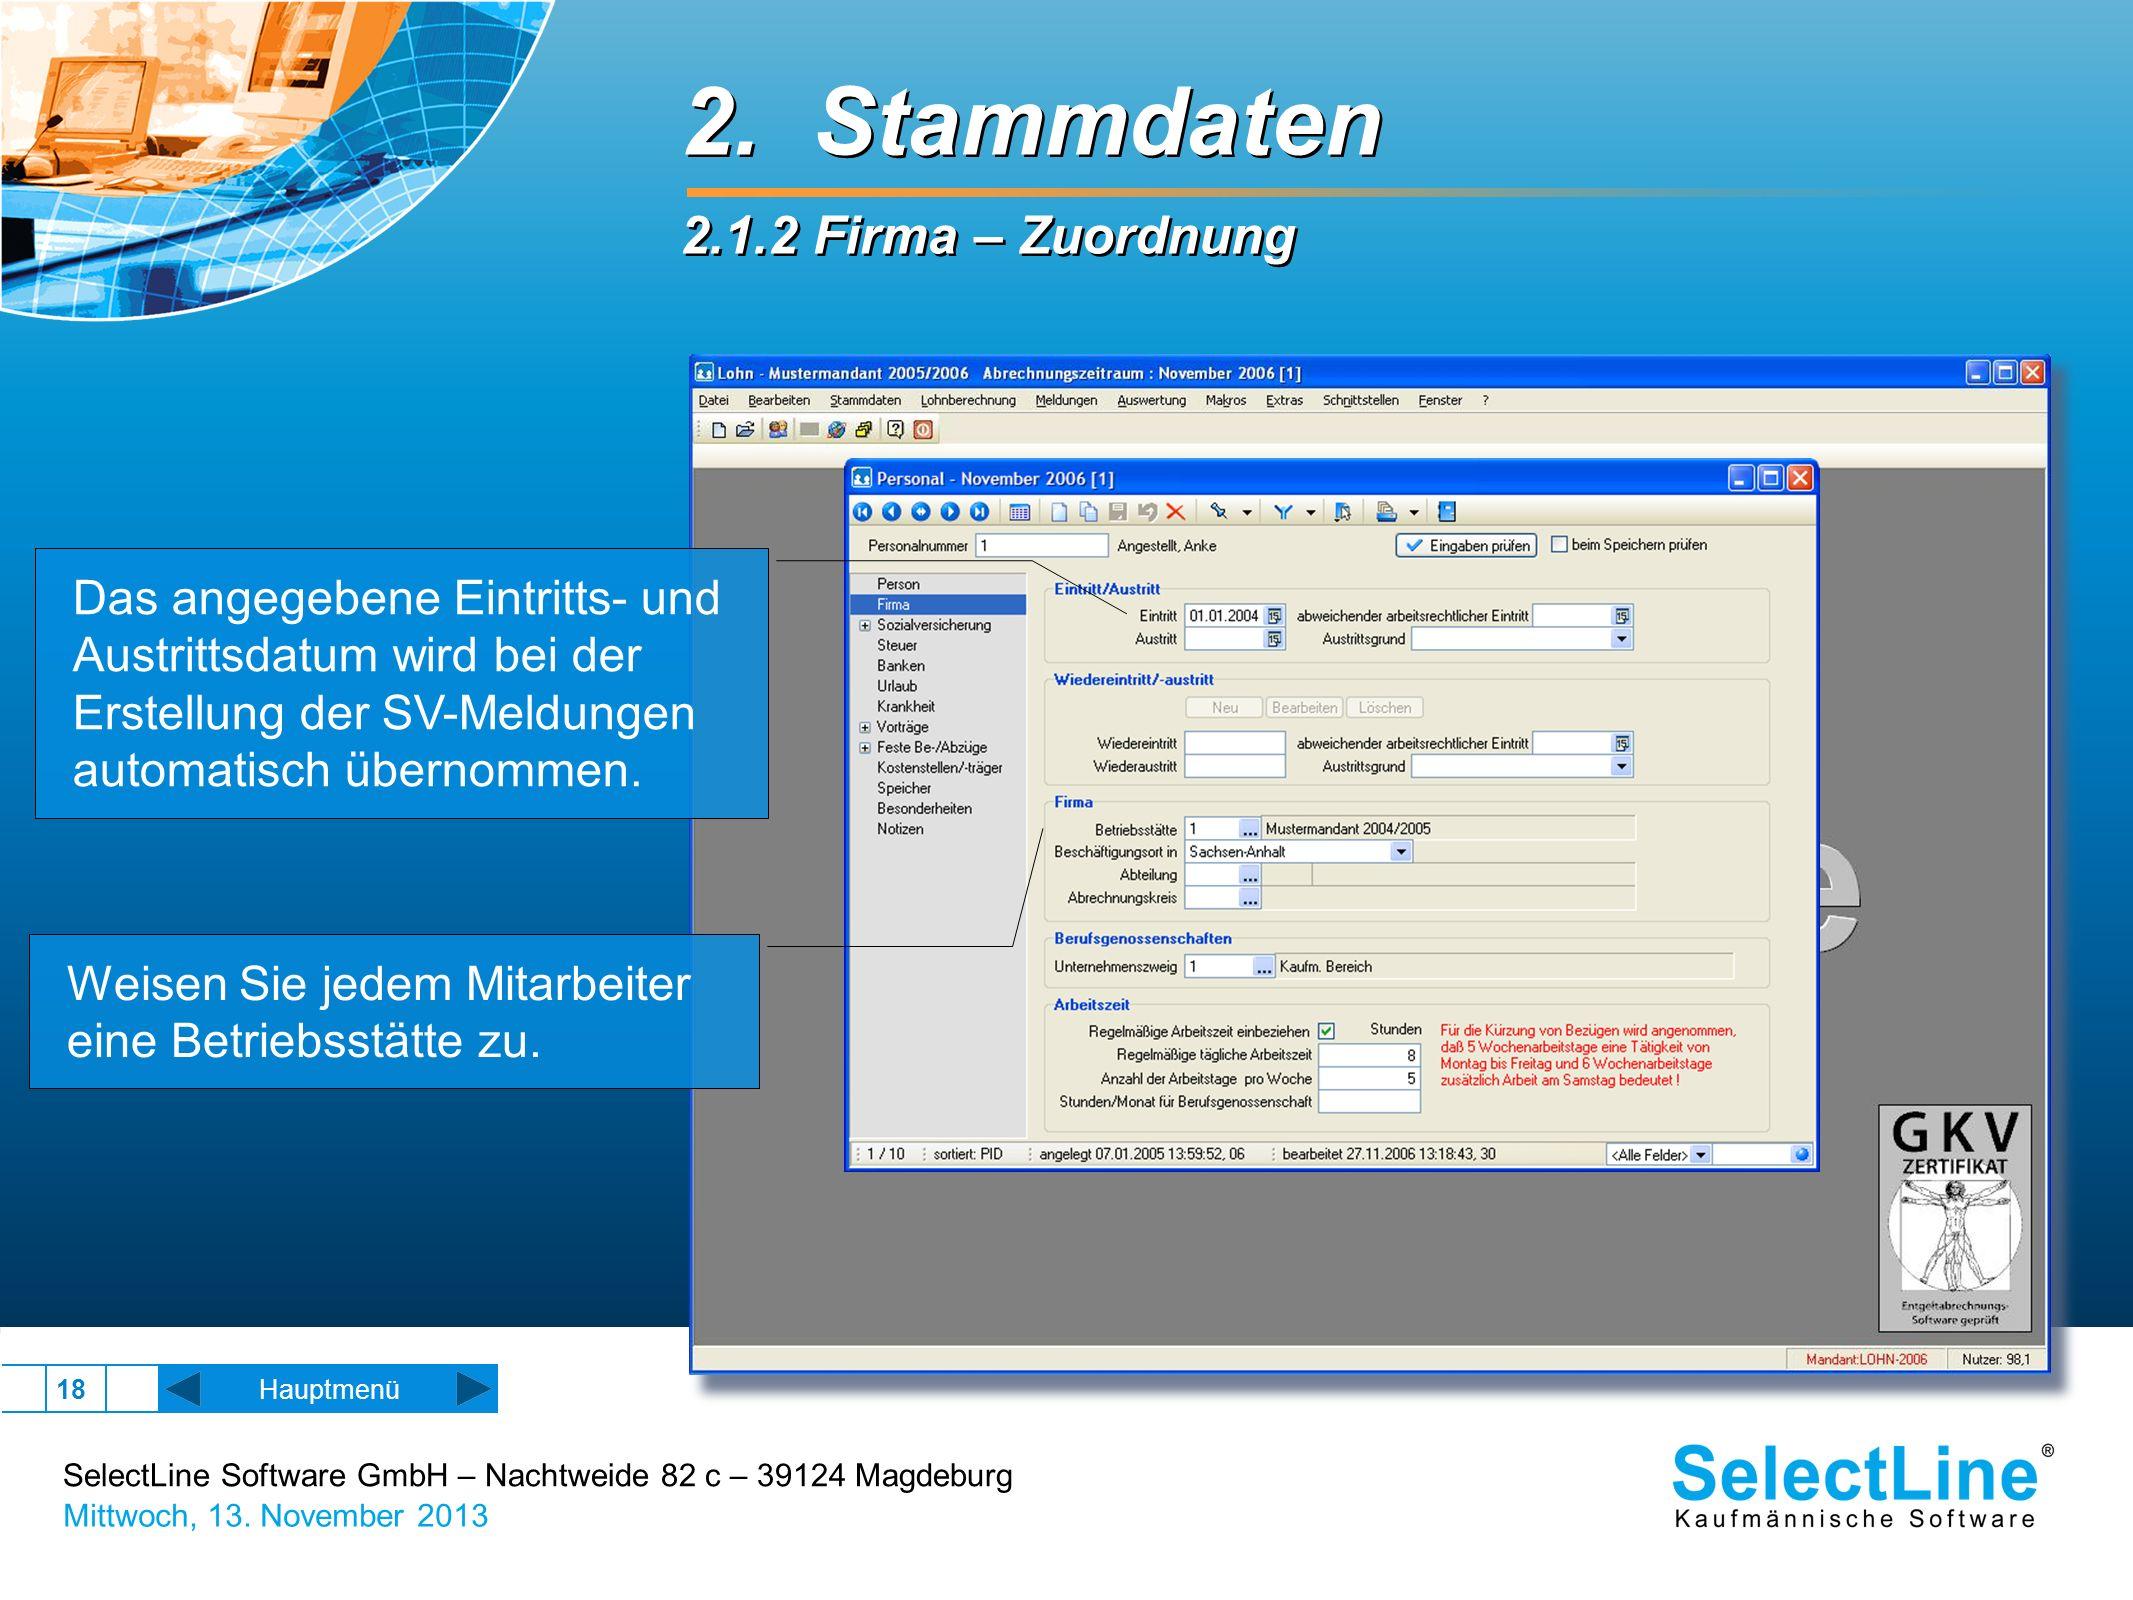 SelectLine Software GmbH – Nachtweide 82 c – 39124 Magdeburg Mittwoch, 13. November 2013 18 2. Stammdaten 2.1.2 Firma – Zuordnung 2. Stammdaten 2.1.2